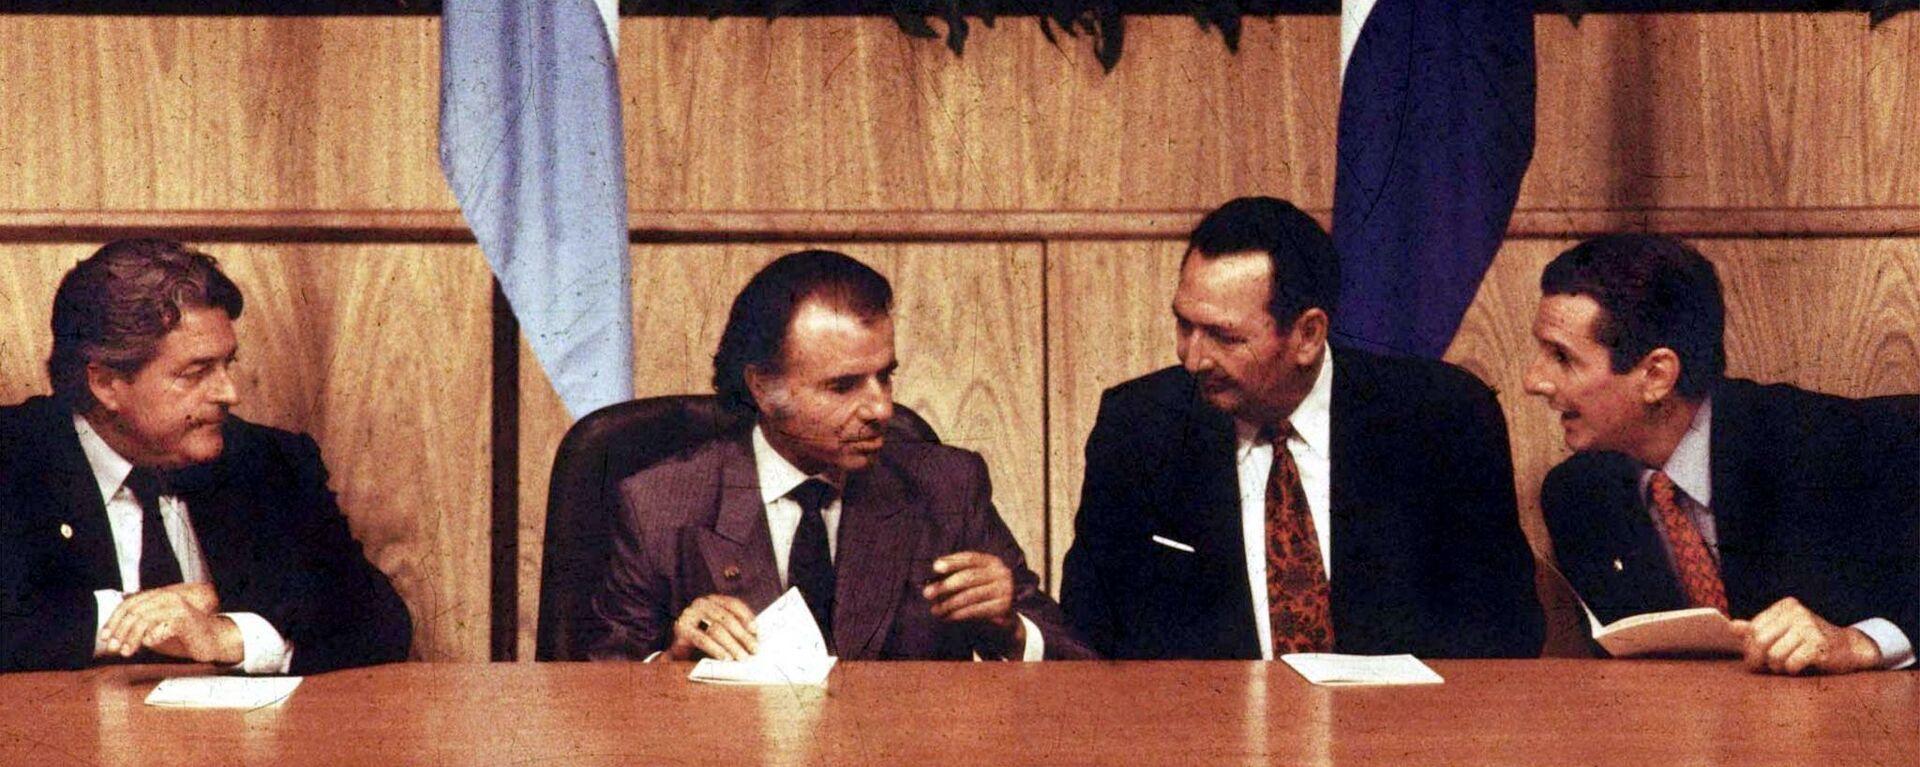 Los presidentes de Uruguay, Luis Alberto Lacalle; de Argentina, Carlos Menem; de Paraguay, Andrés Rodríguez y de Brasil, Fernando Collor de Mello, firmando el Tratado de Asunción en 1991 - Sputnik Mundo, 1920, 18.03.2021